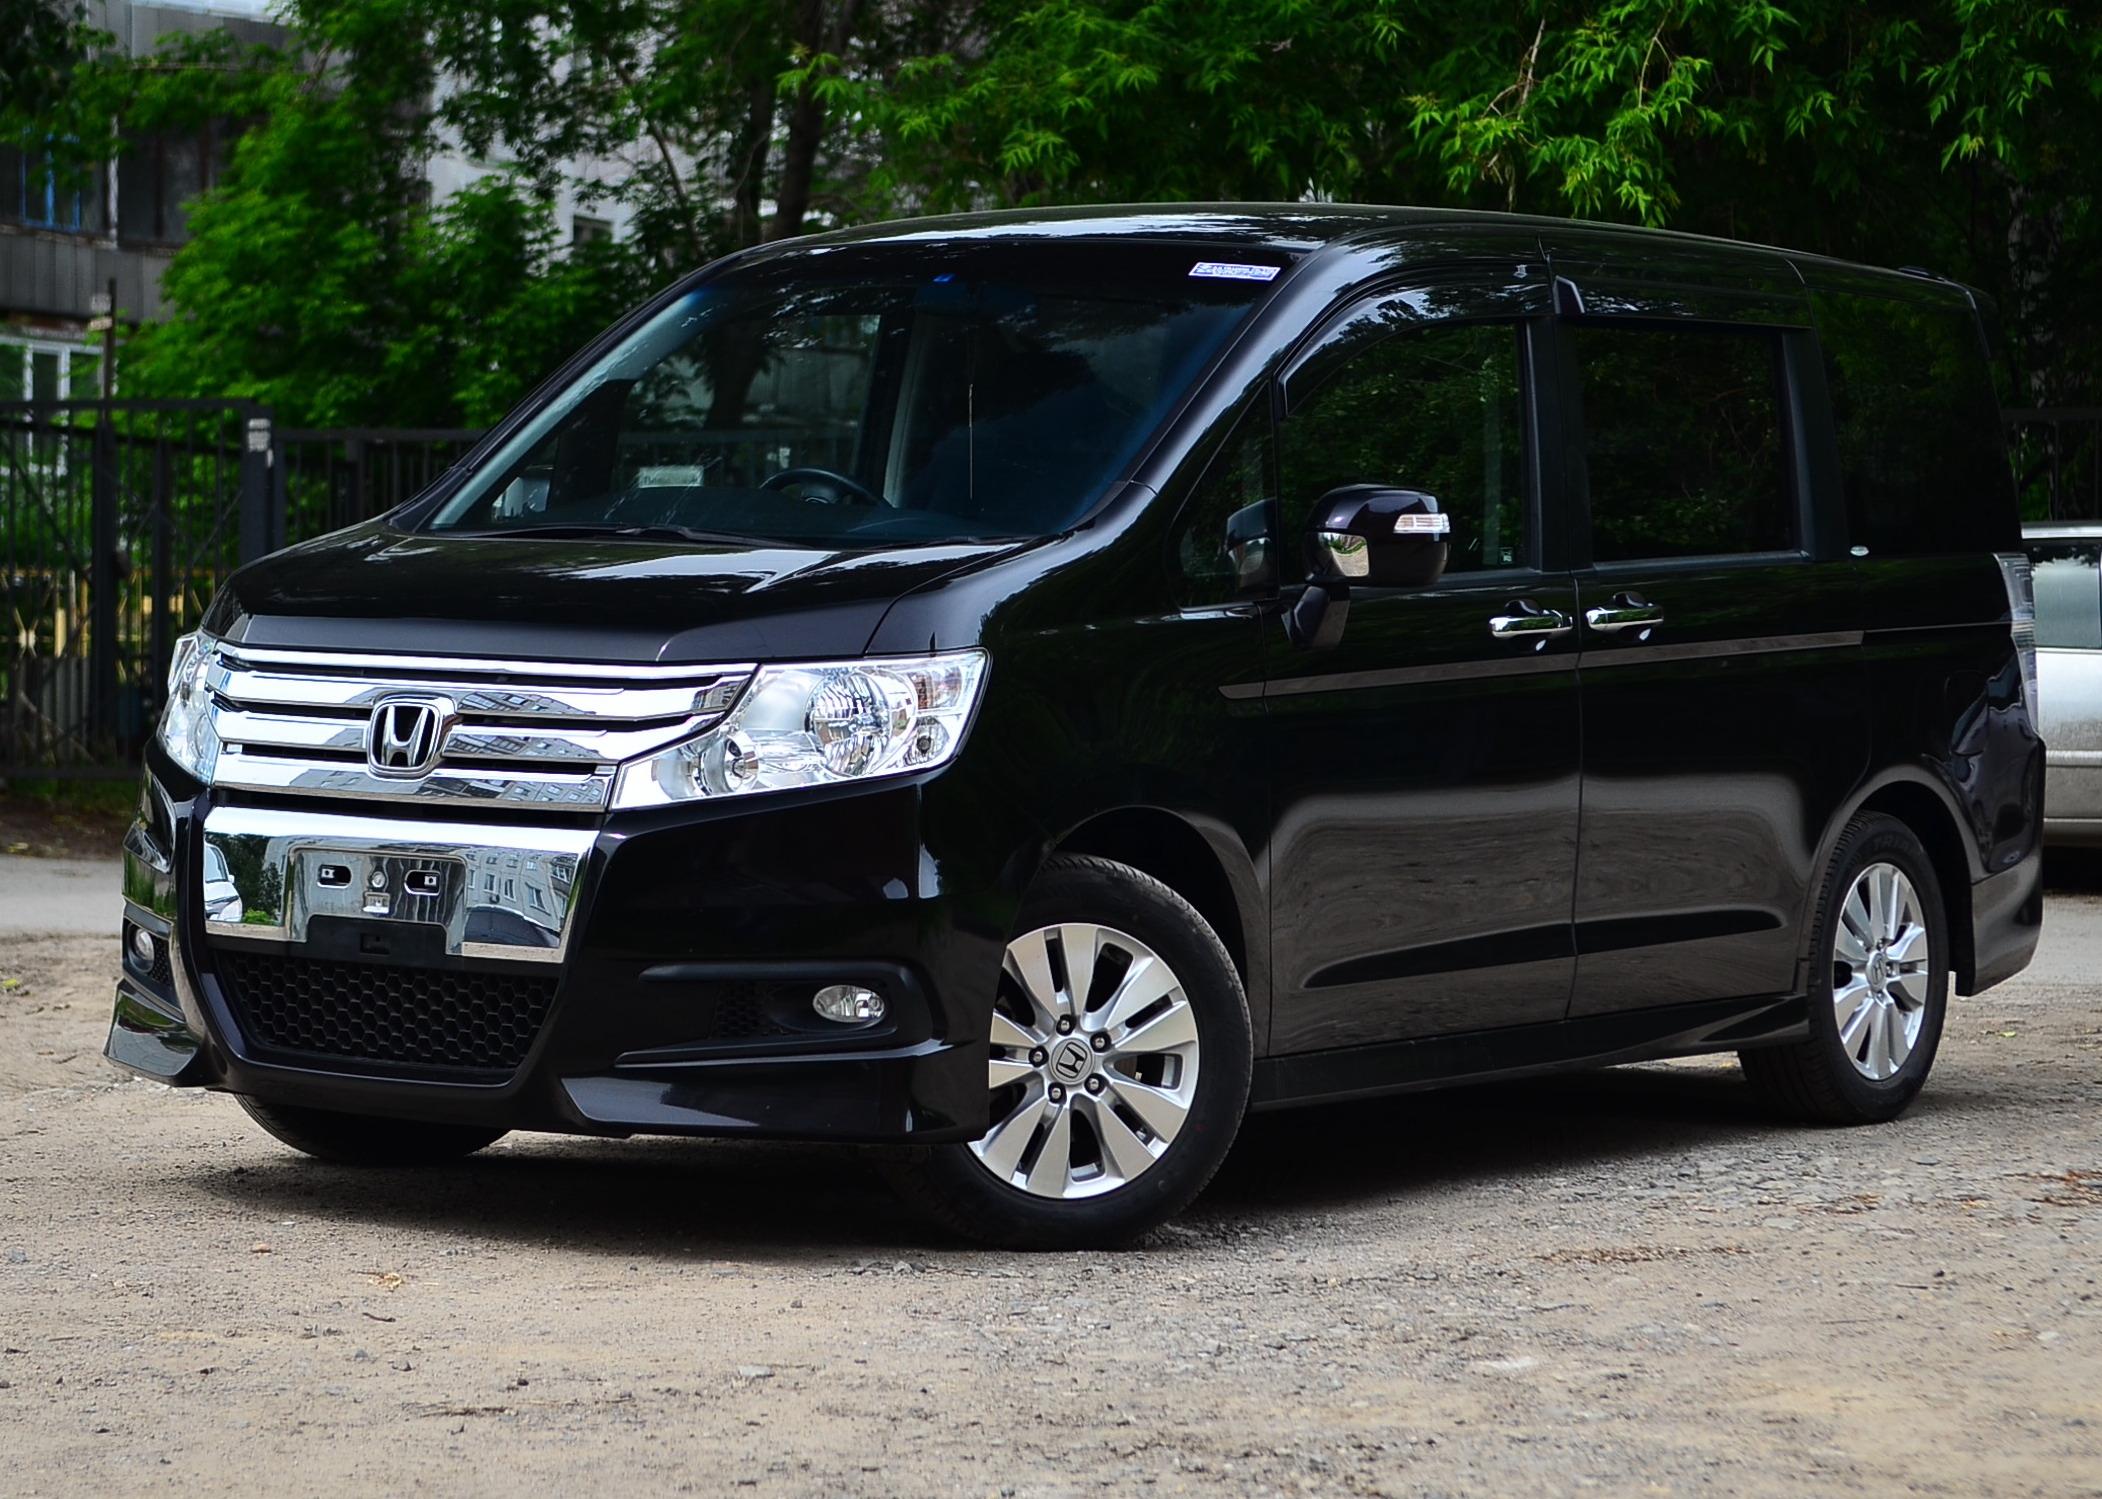 Honda Stepwgn 1 170 000 руб